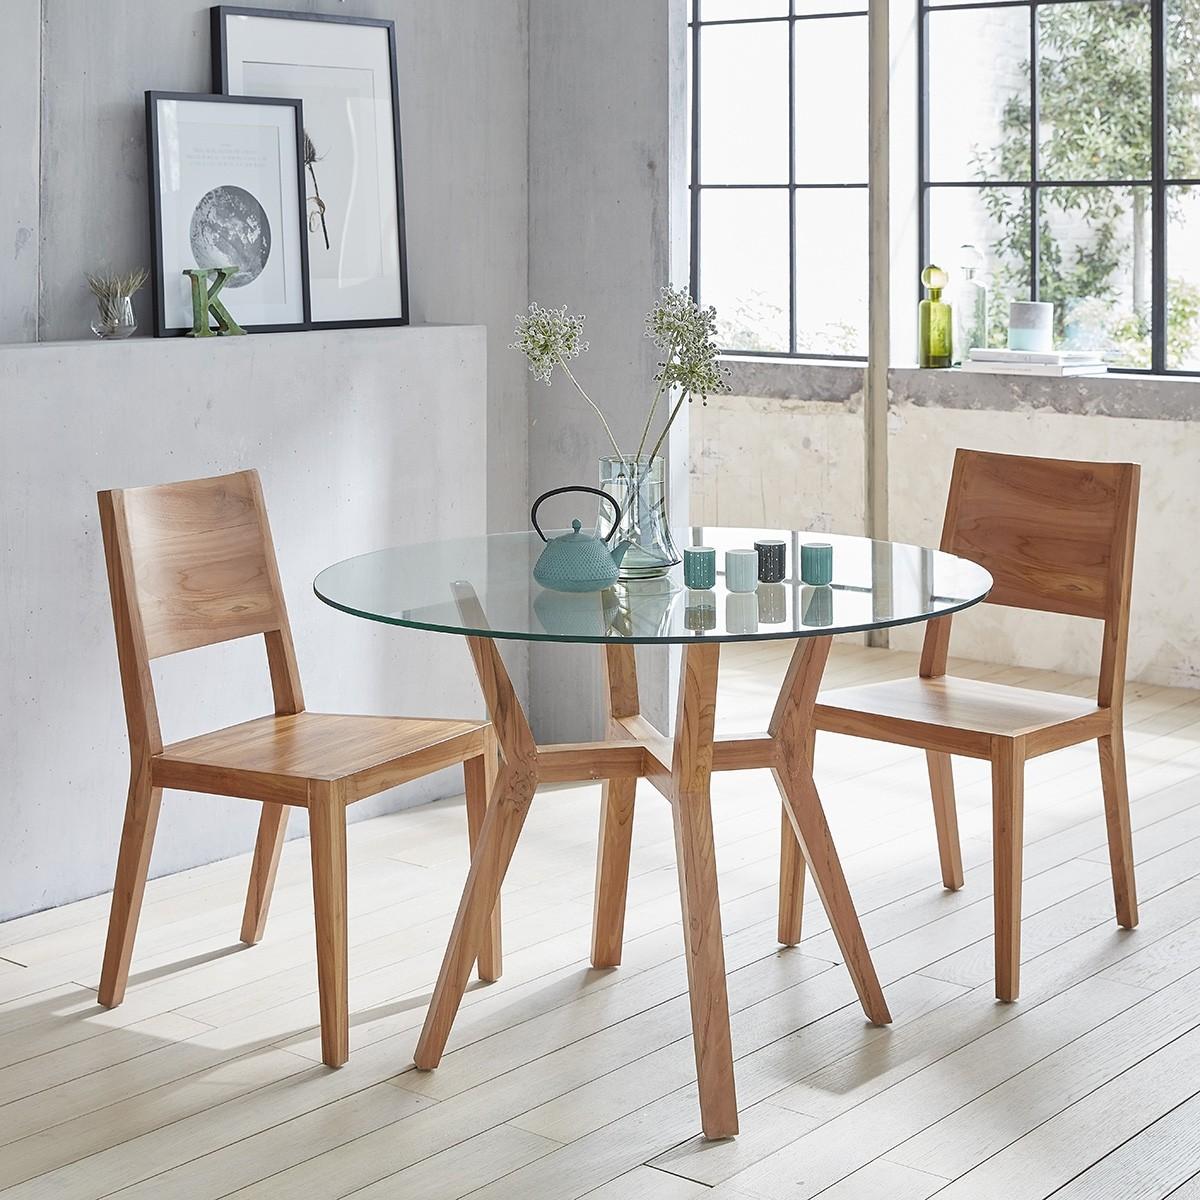 table ronde vitr e en bois de teck 110 bois dessus bois dessous. Black Bedroom Furniture Sets. Home Design Ideas